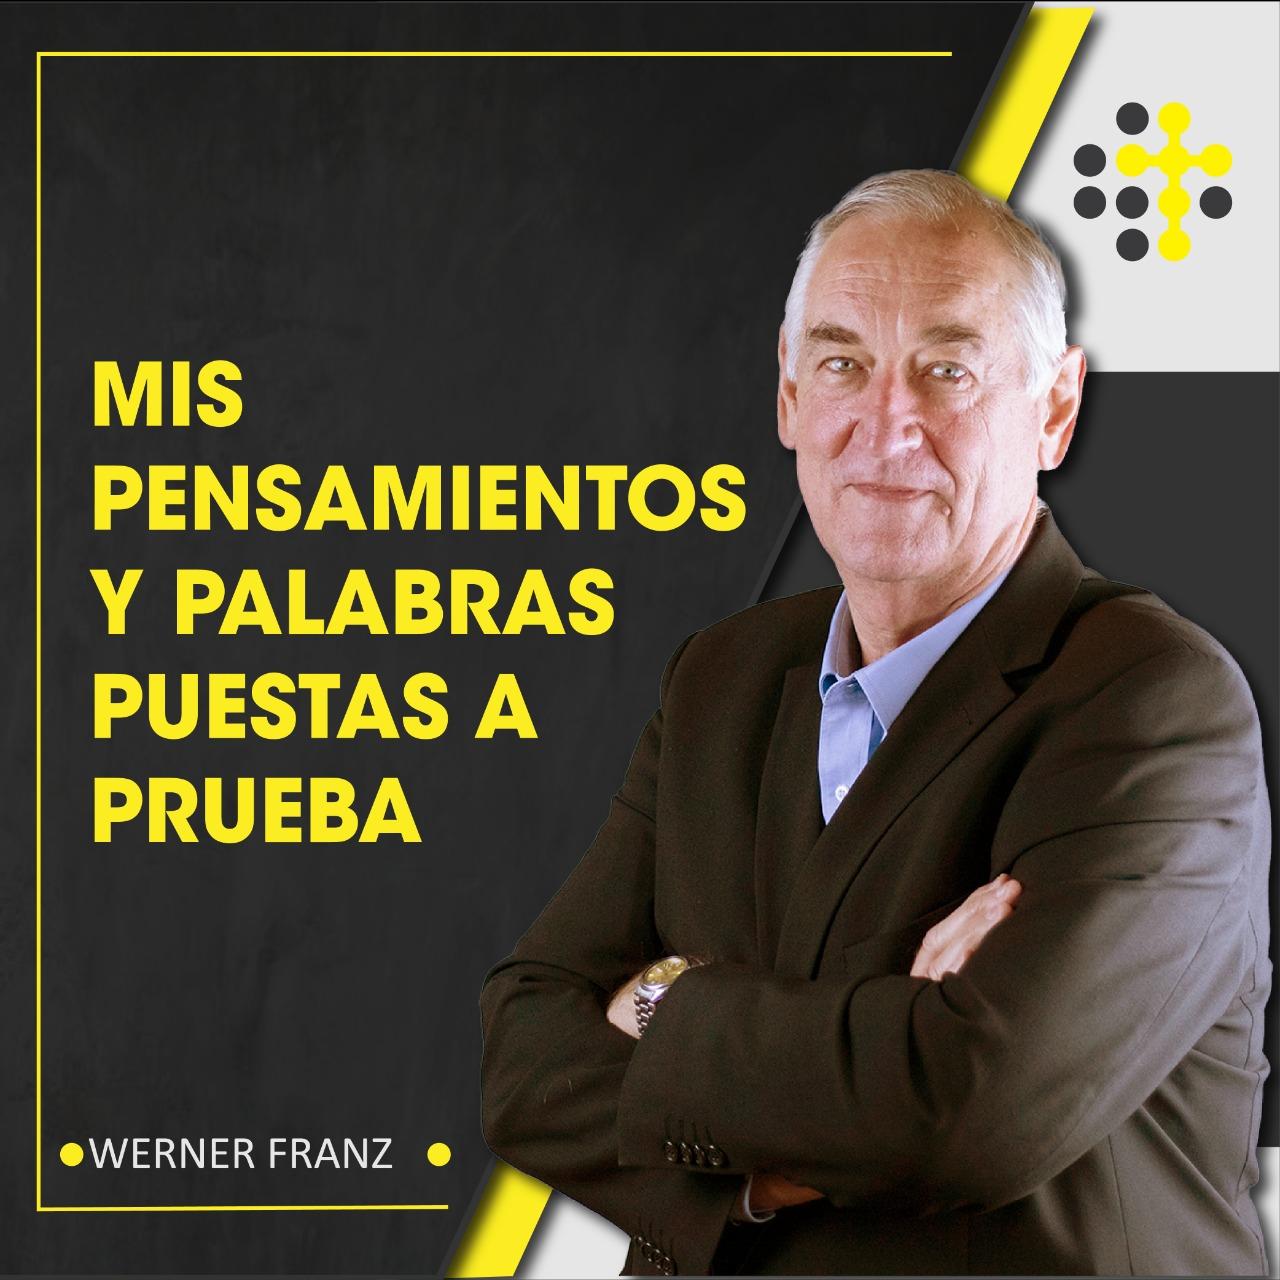 Mis pensamientos y palabras puestas a prueba - Orador: Werner Franz